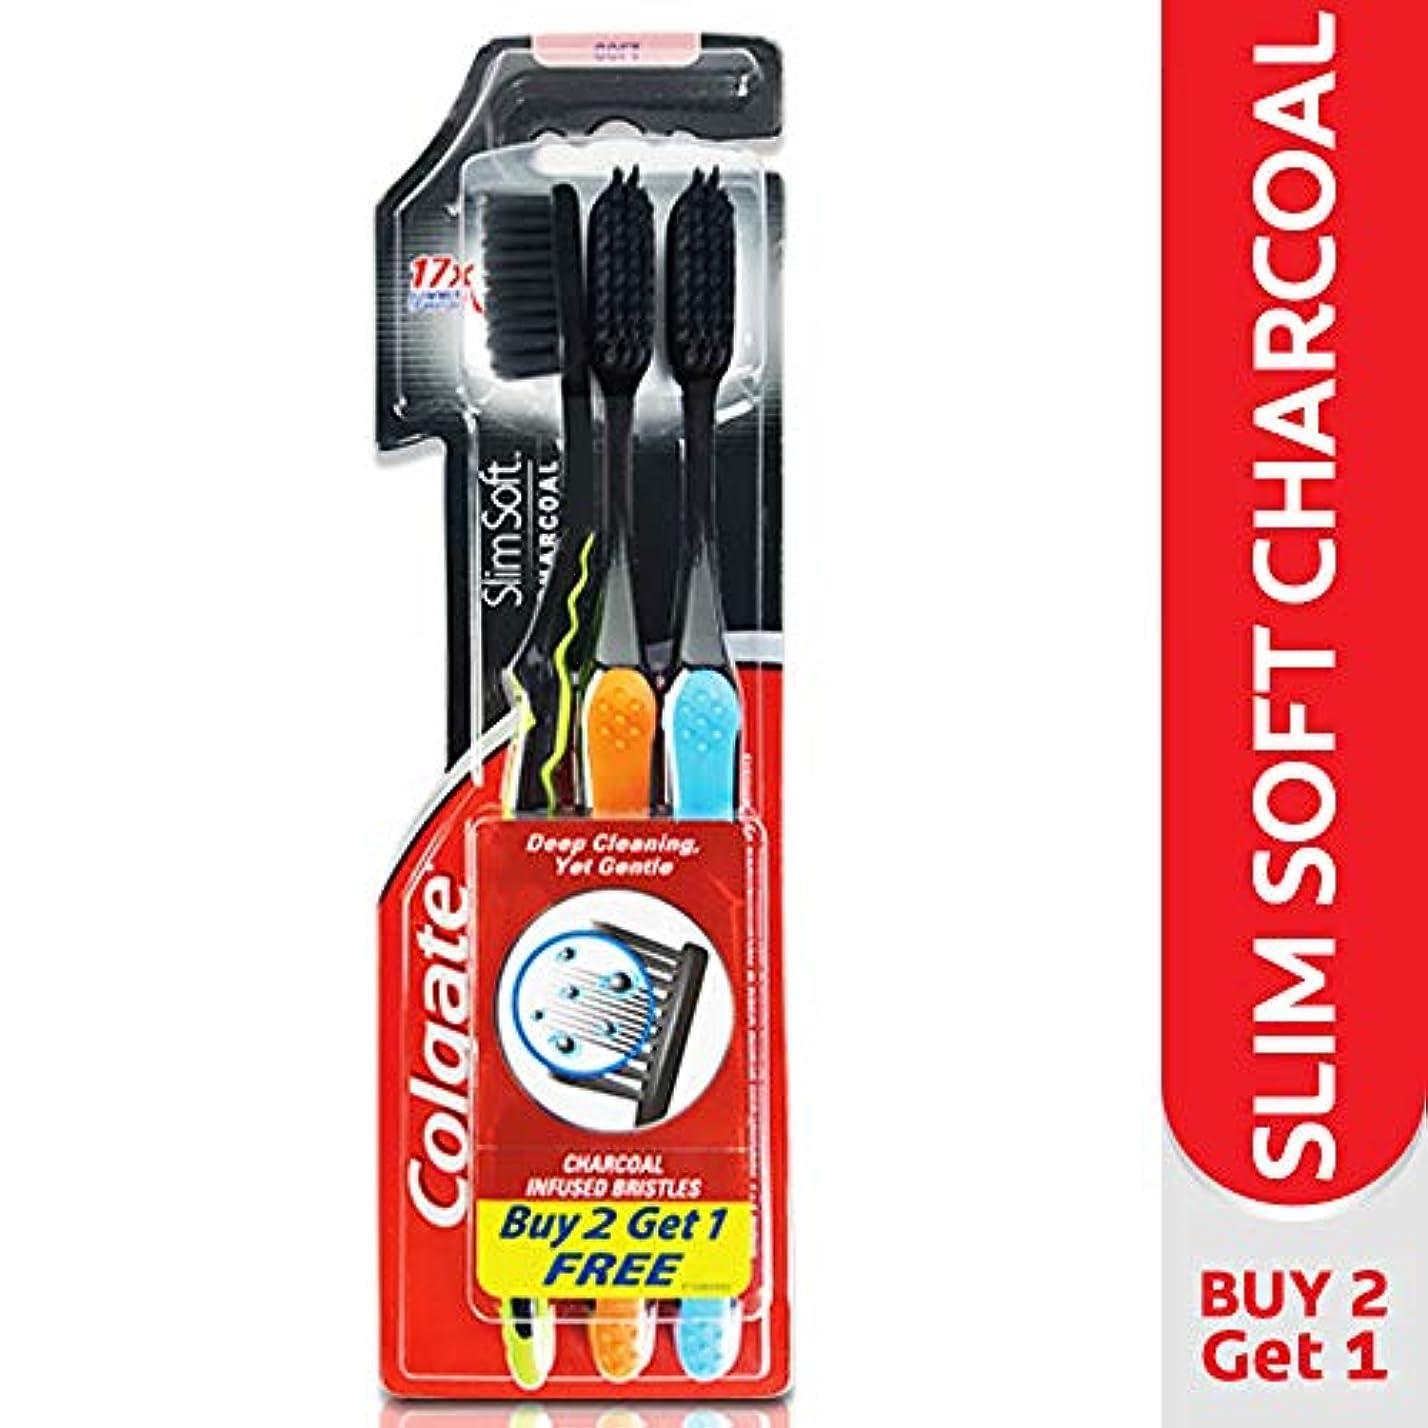 障害者打ち上げるうぬぼれColgate Slim Soft Charcoal Toothbrush (Pack of 3) 17x Slimmer Soft Tip Bristles (Ship From India)